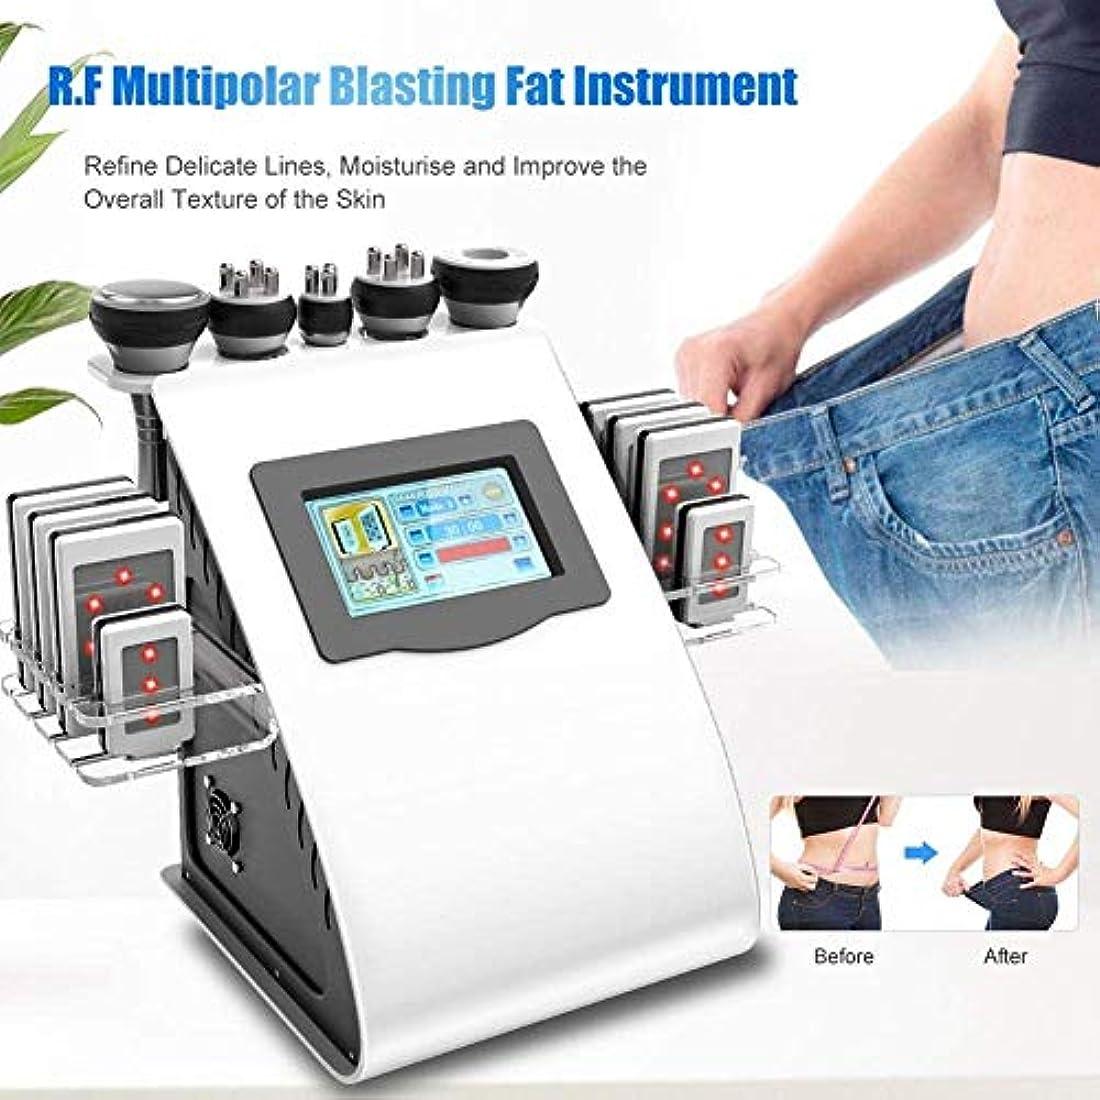 風変わりな少数扇動5 in 1 ボディシェイピング 脂肪燃焼 機械、 美人 ケア デバイス マッサージャー、 プロ 顔と体 Slim身 処理 デバイス 機械